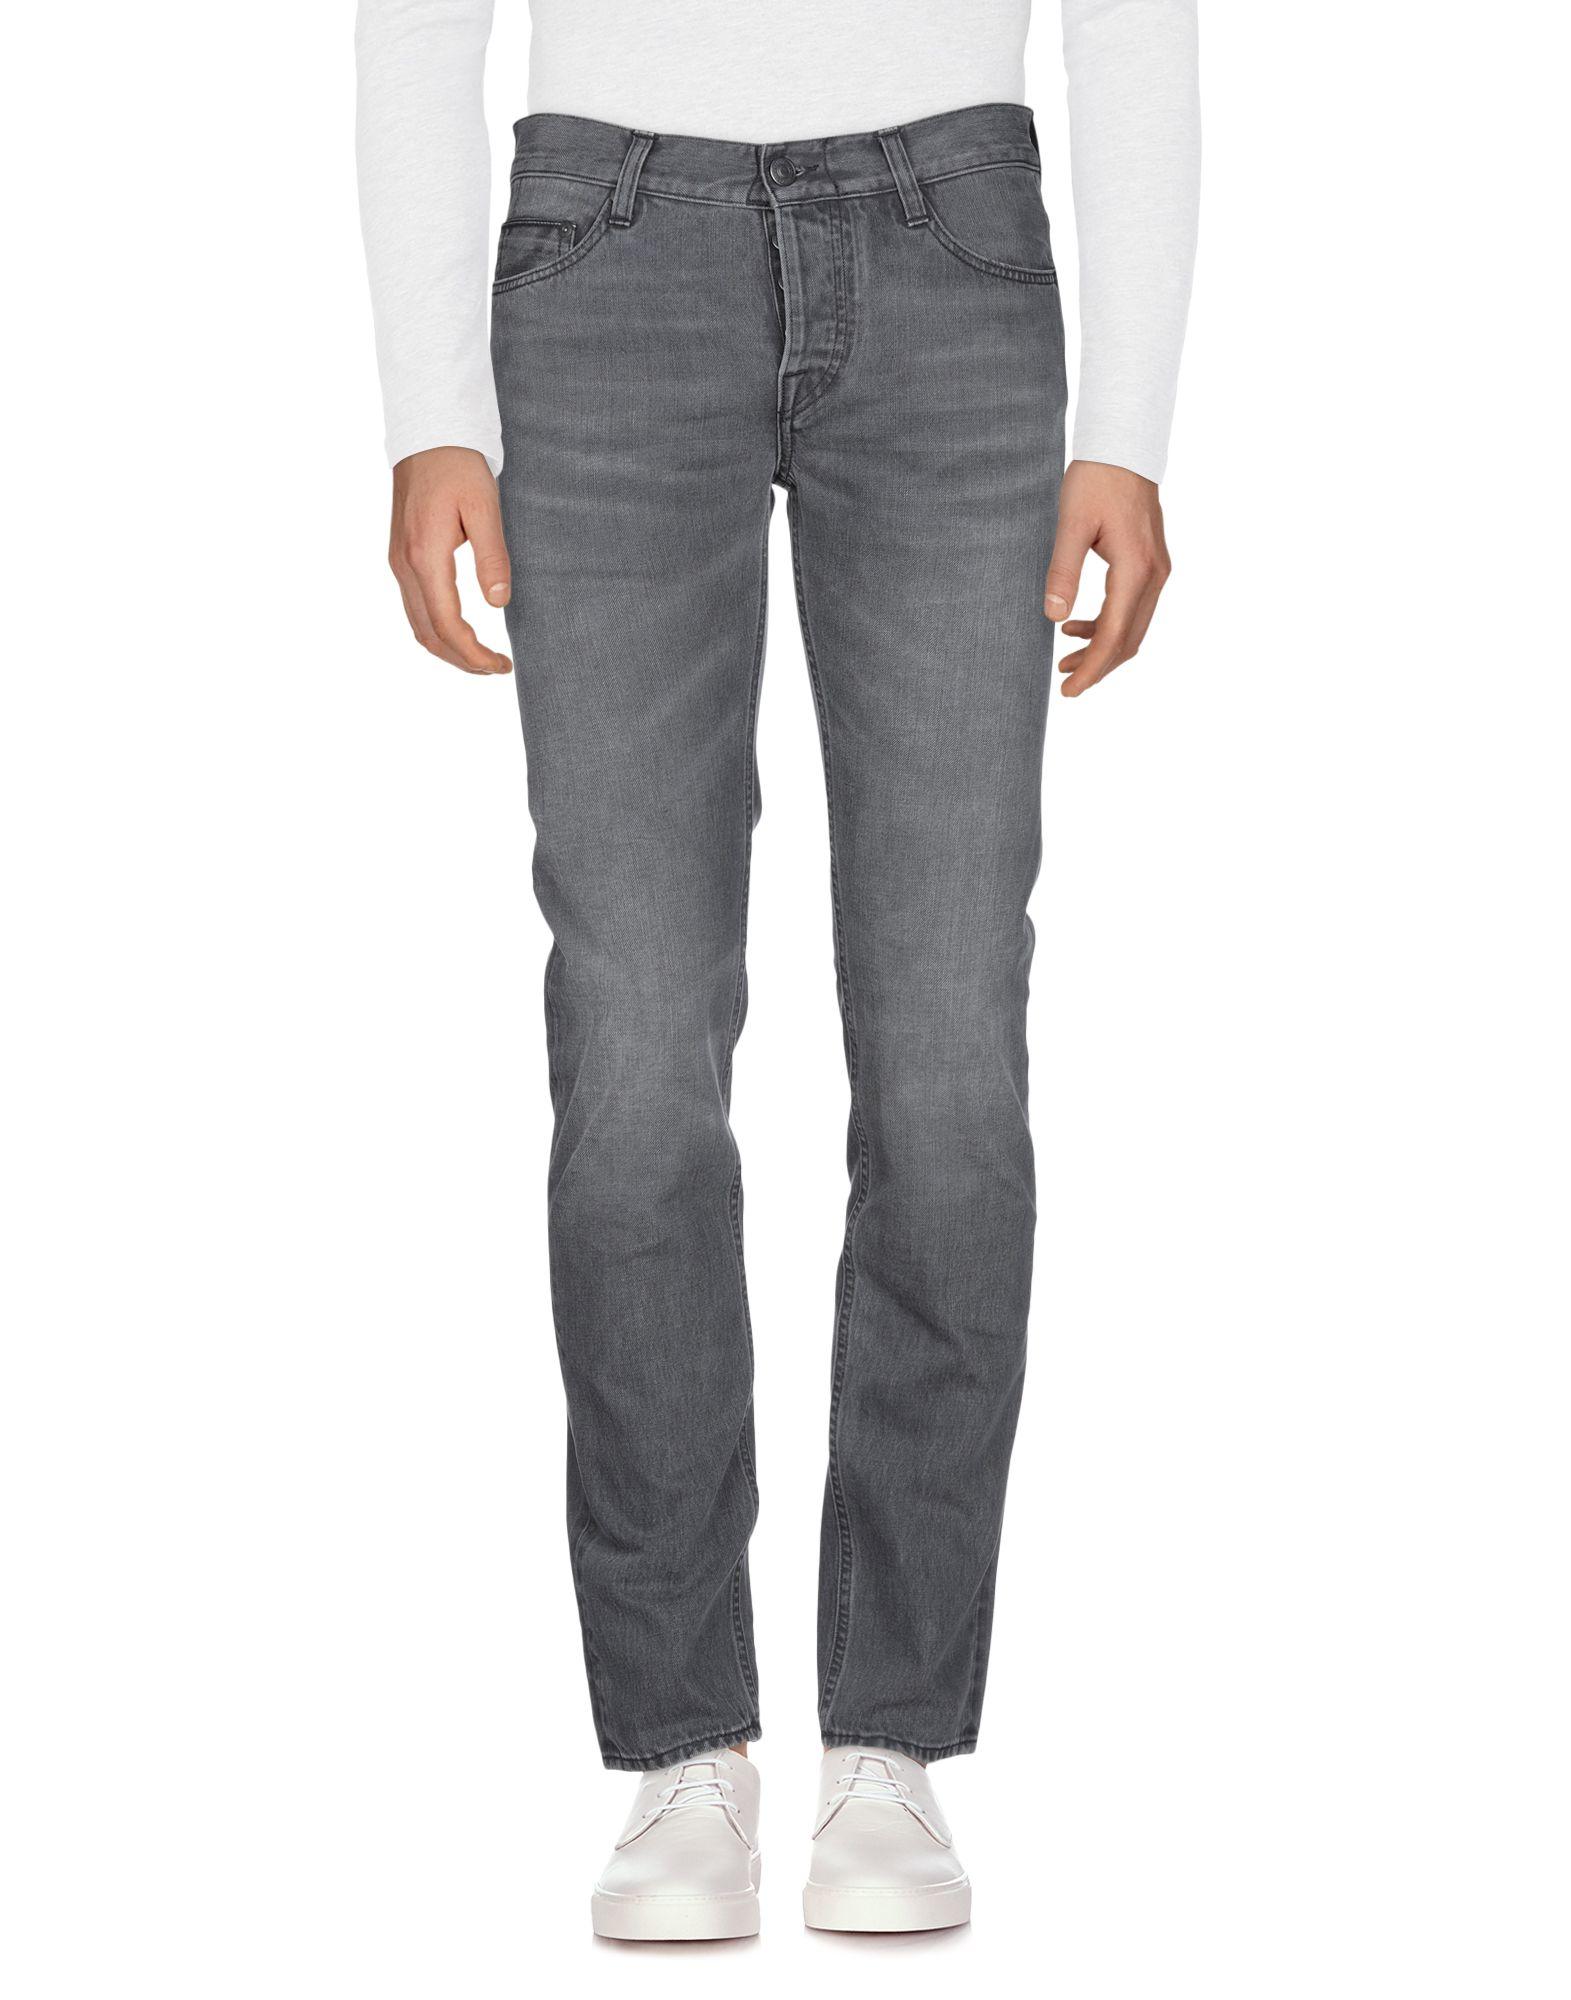 Pantaloni Jeans Jeans Jeans Care Label Uomo - 42687127VJ 4e36d5